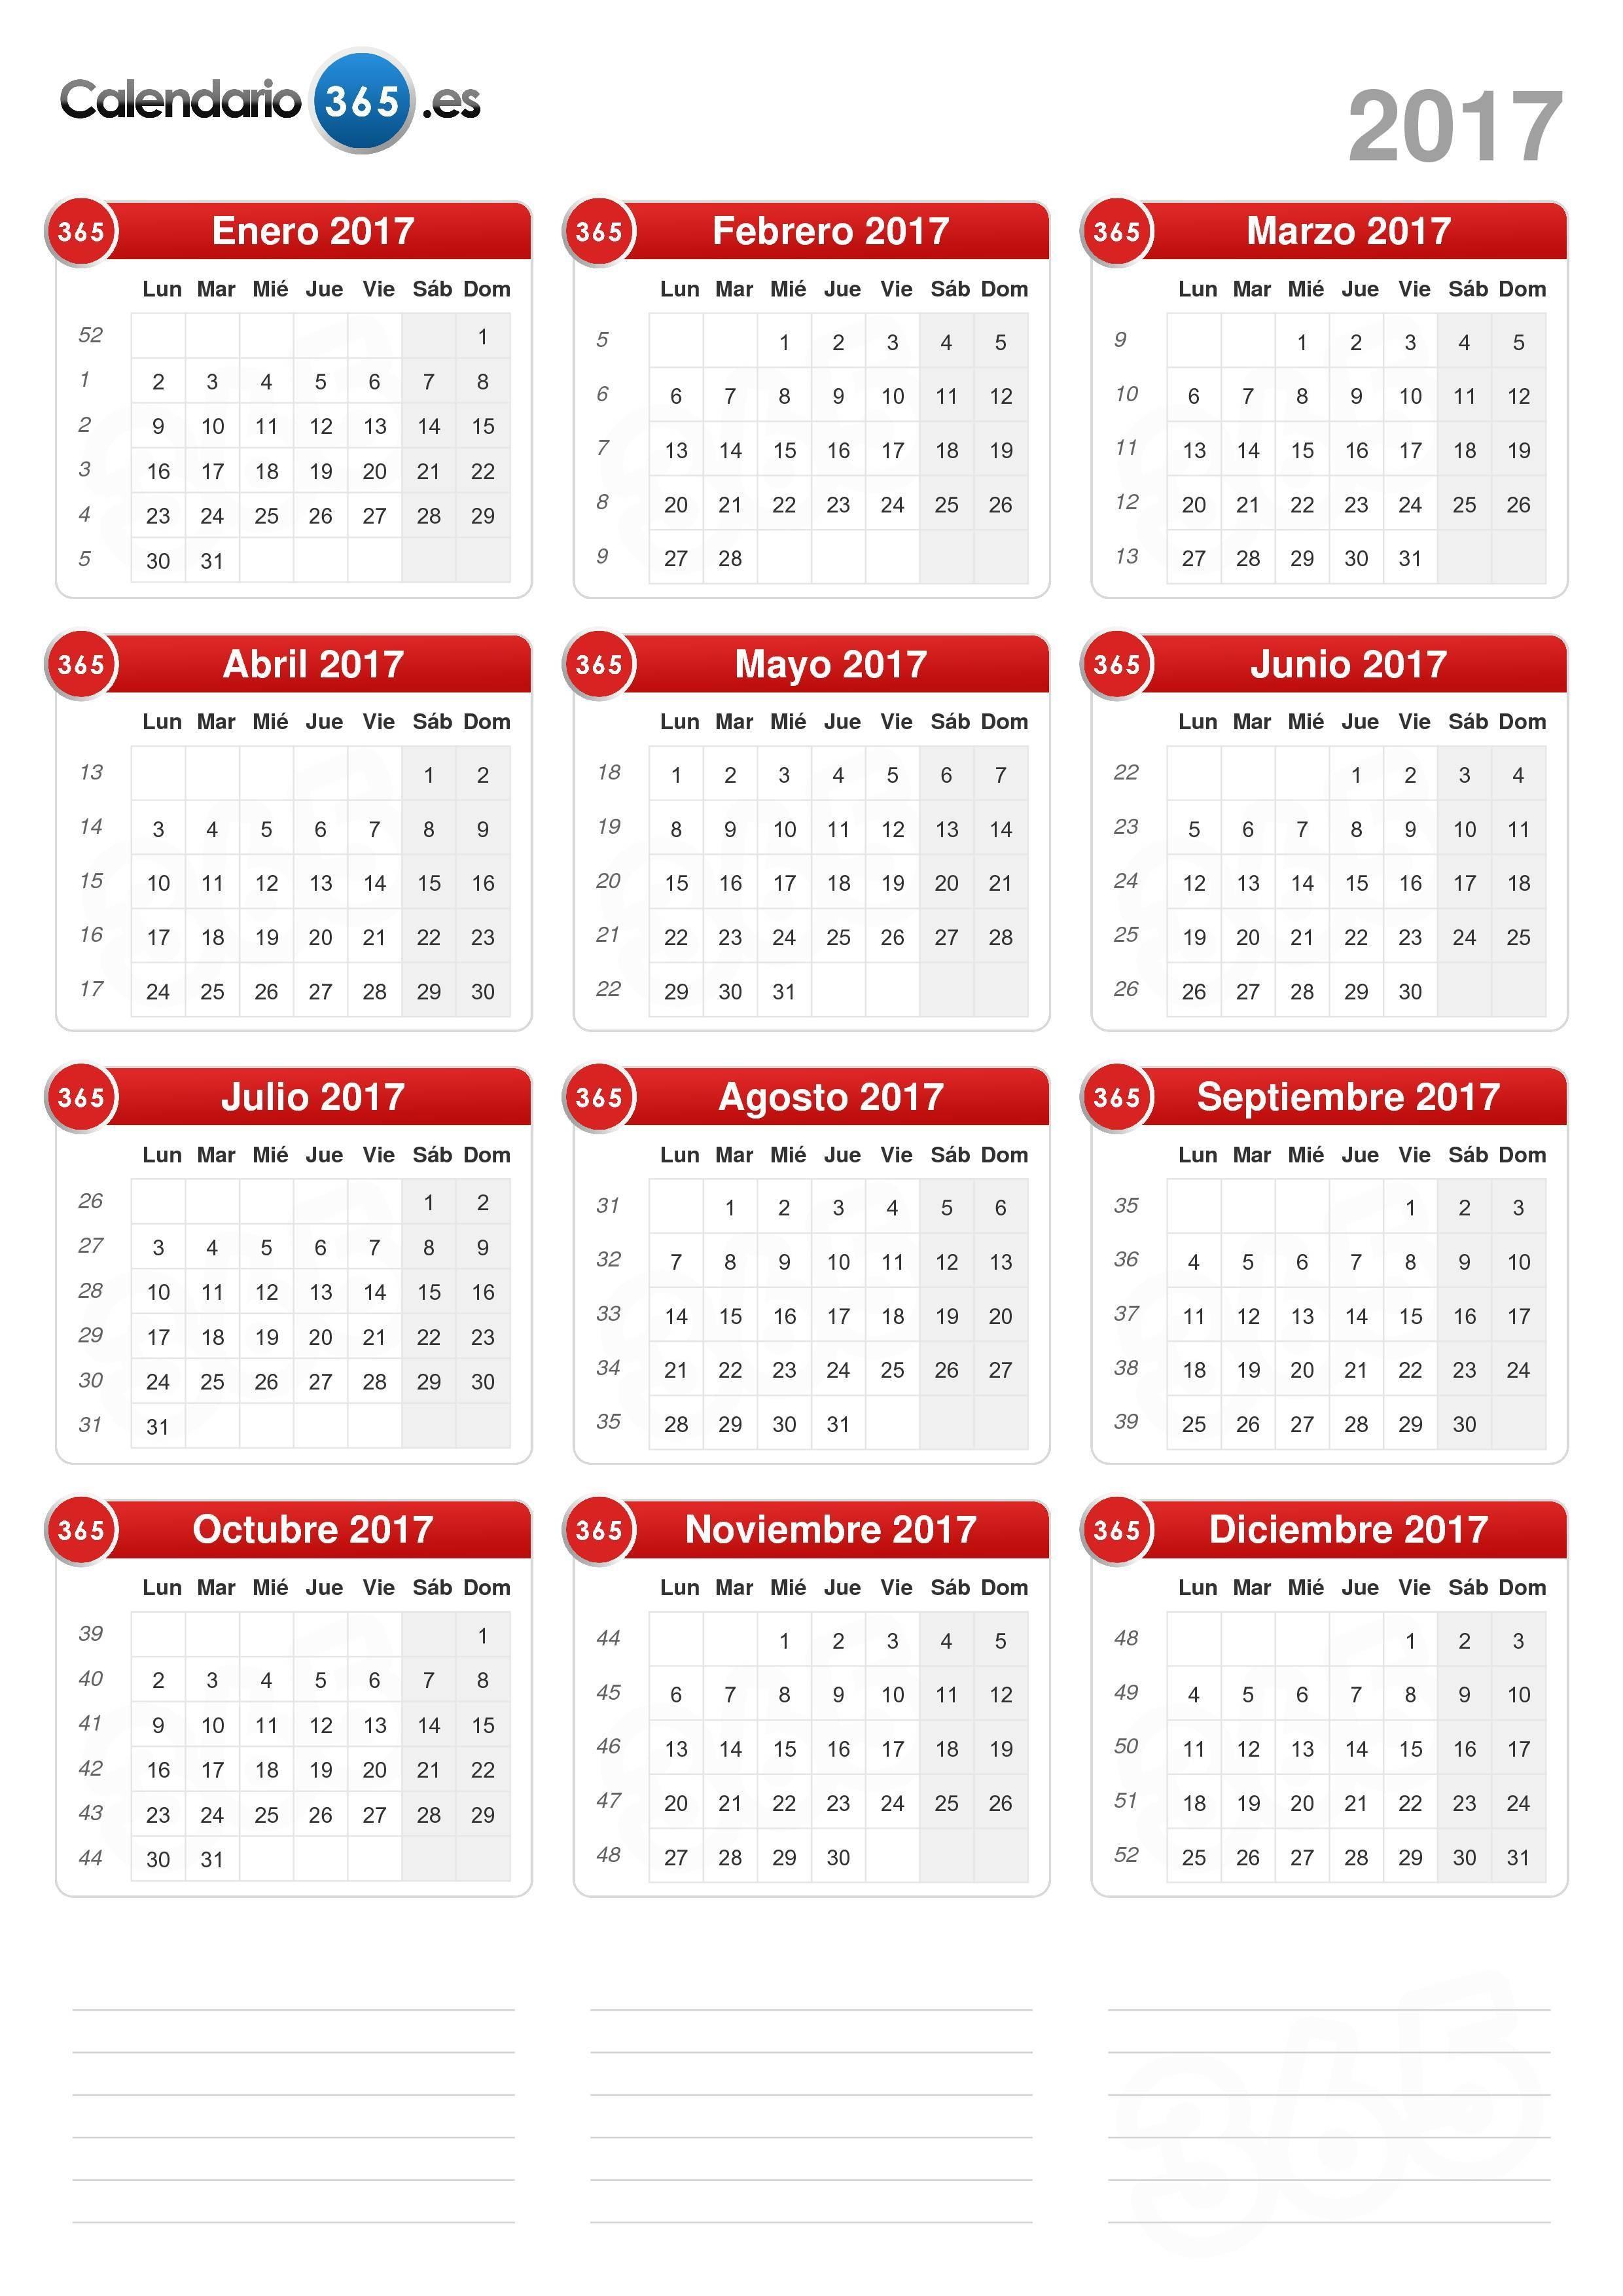 Calendario Para Imprimir De Julio Y Agosto 2019 Más Caliente Calendario 2017 Of Calendario Para Imprimir De Julio Y Agosto 2019 Más Reciente šltimos Cupos Para Embajadores Del Futuro Universidad Del Desarrollo